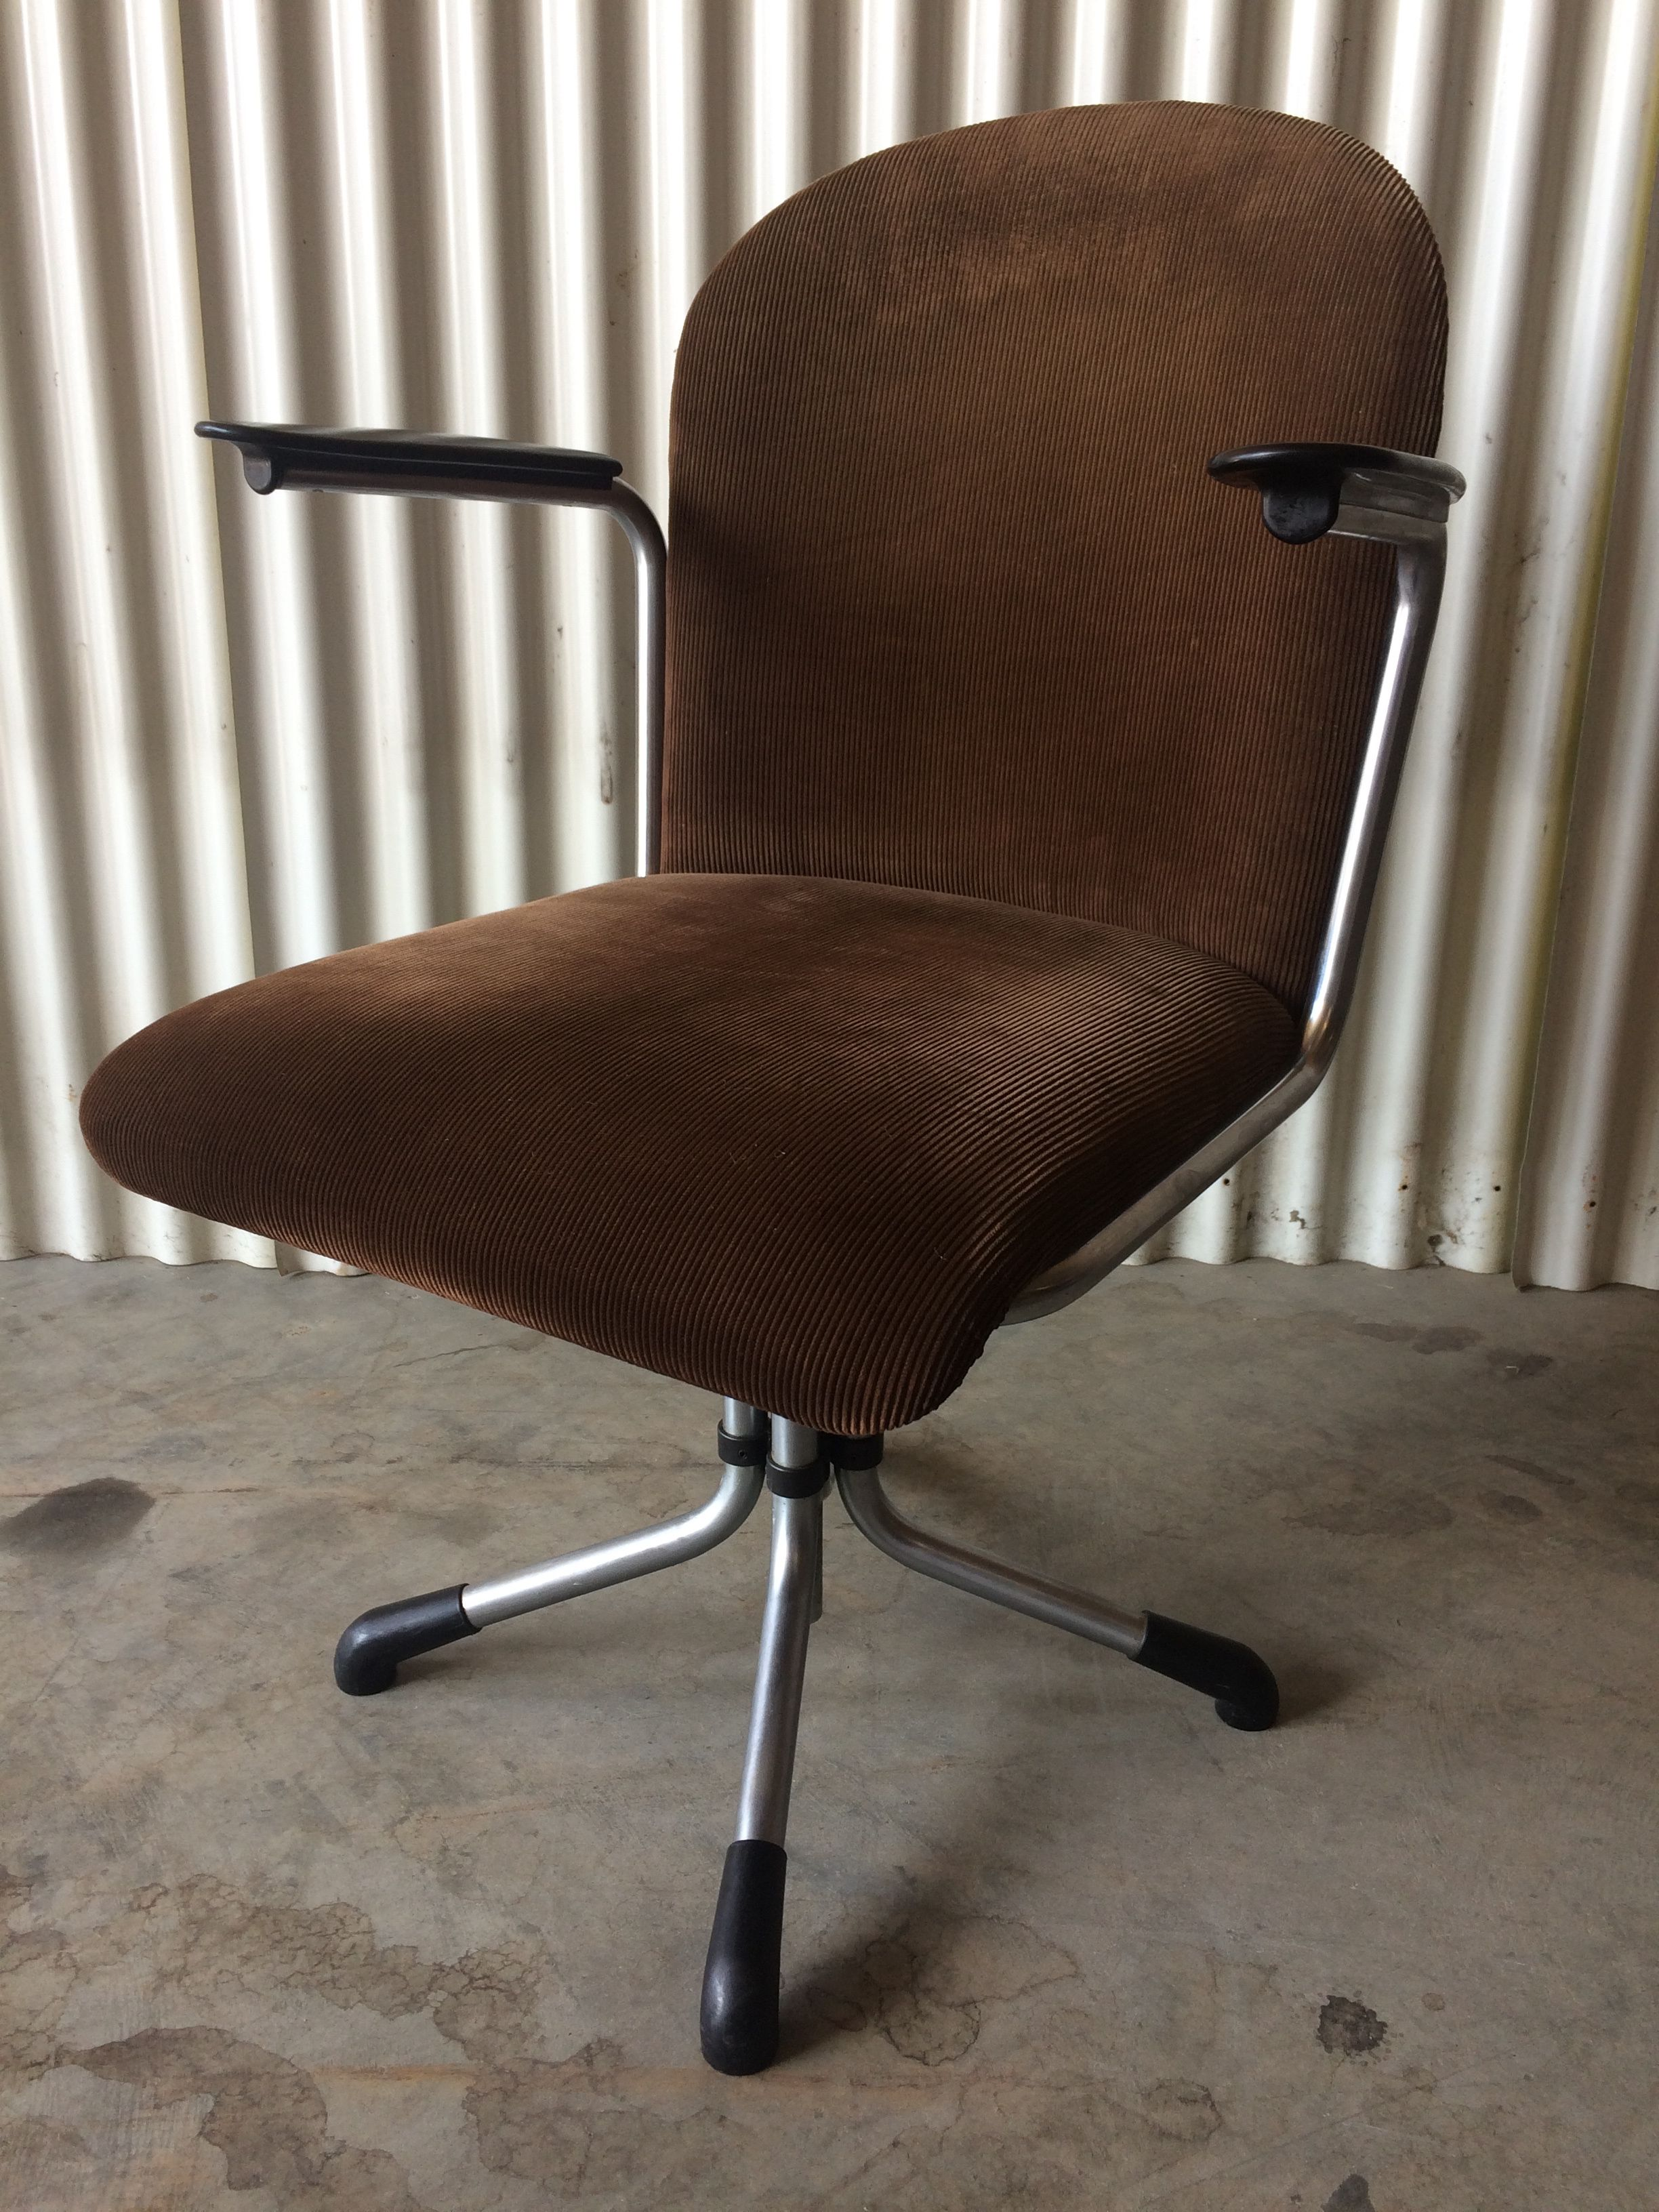 Te Koop Bureaustoel.Gispen Bureaustoel Model 356 Te Koop Bij Designmannetje Nl 375 00